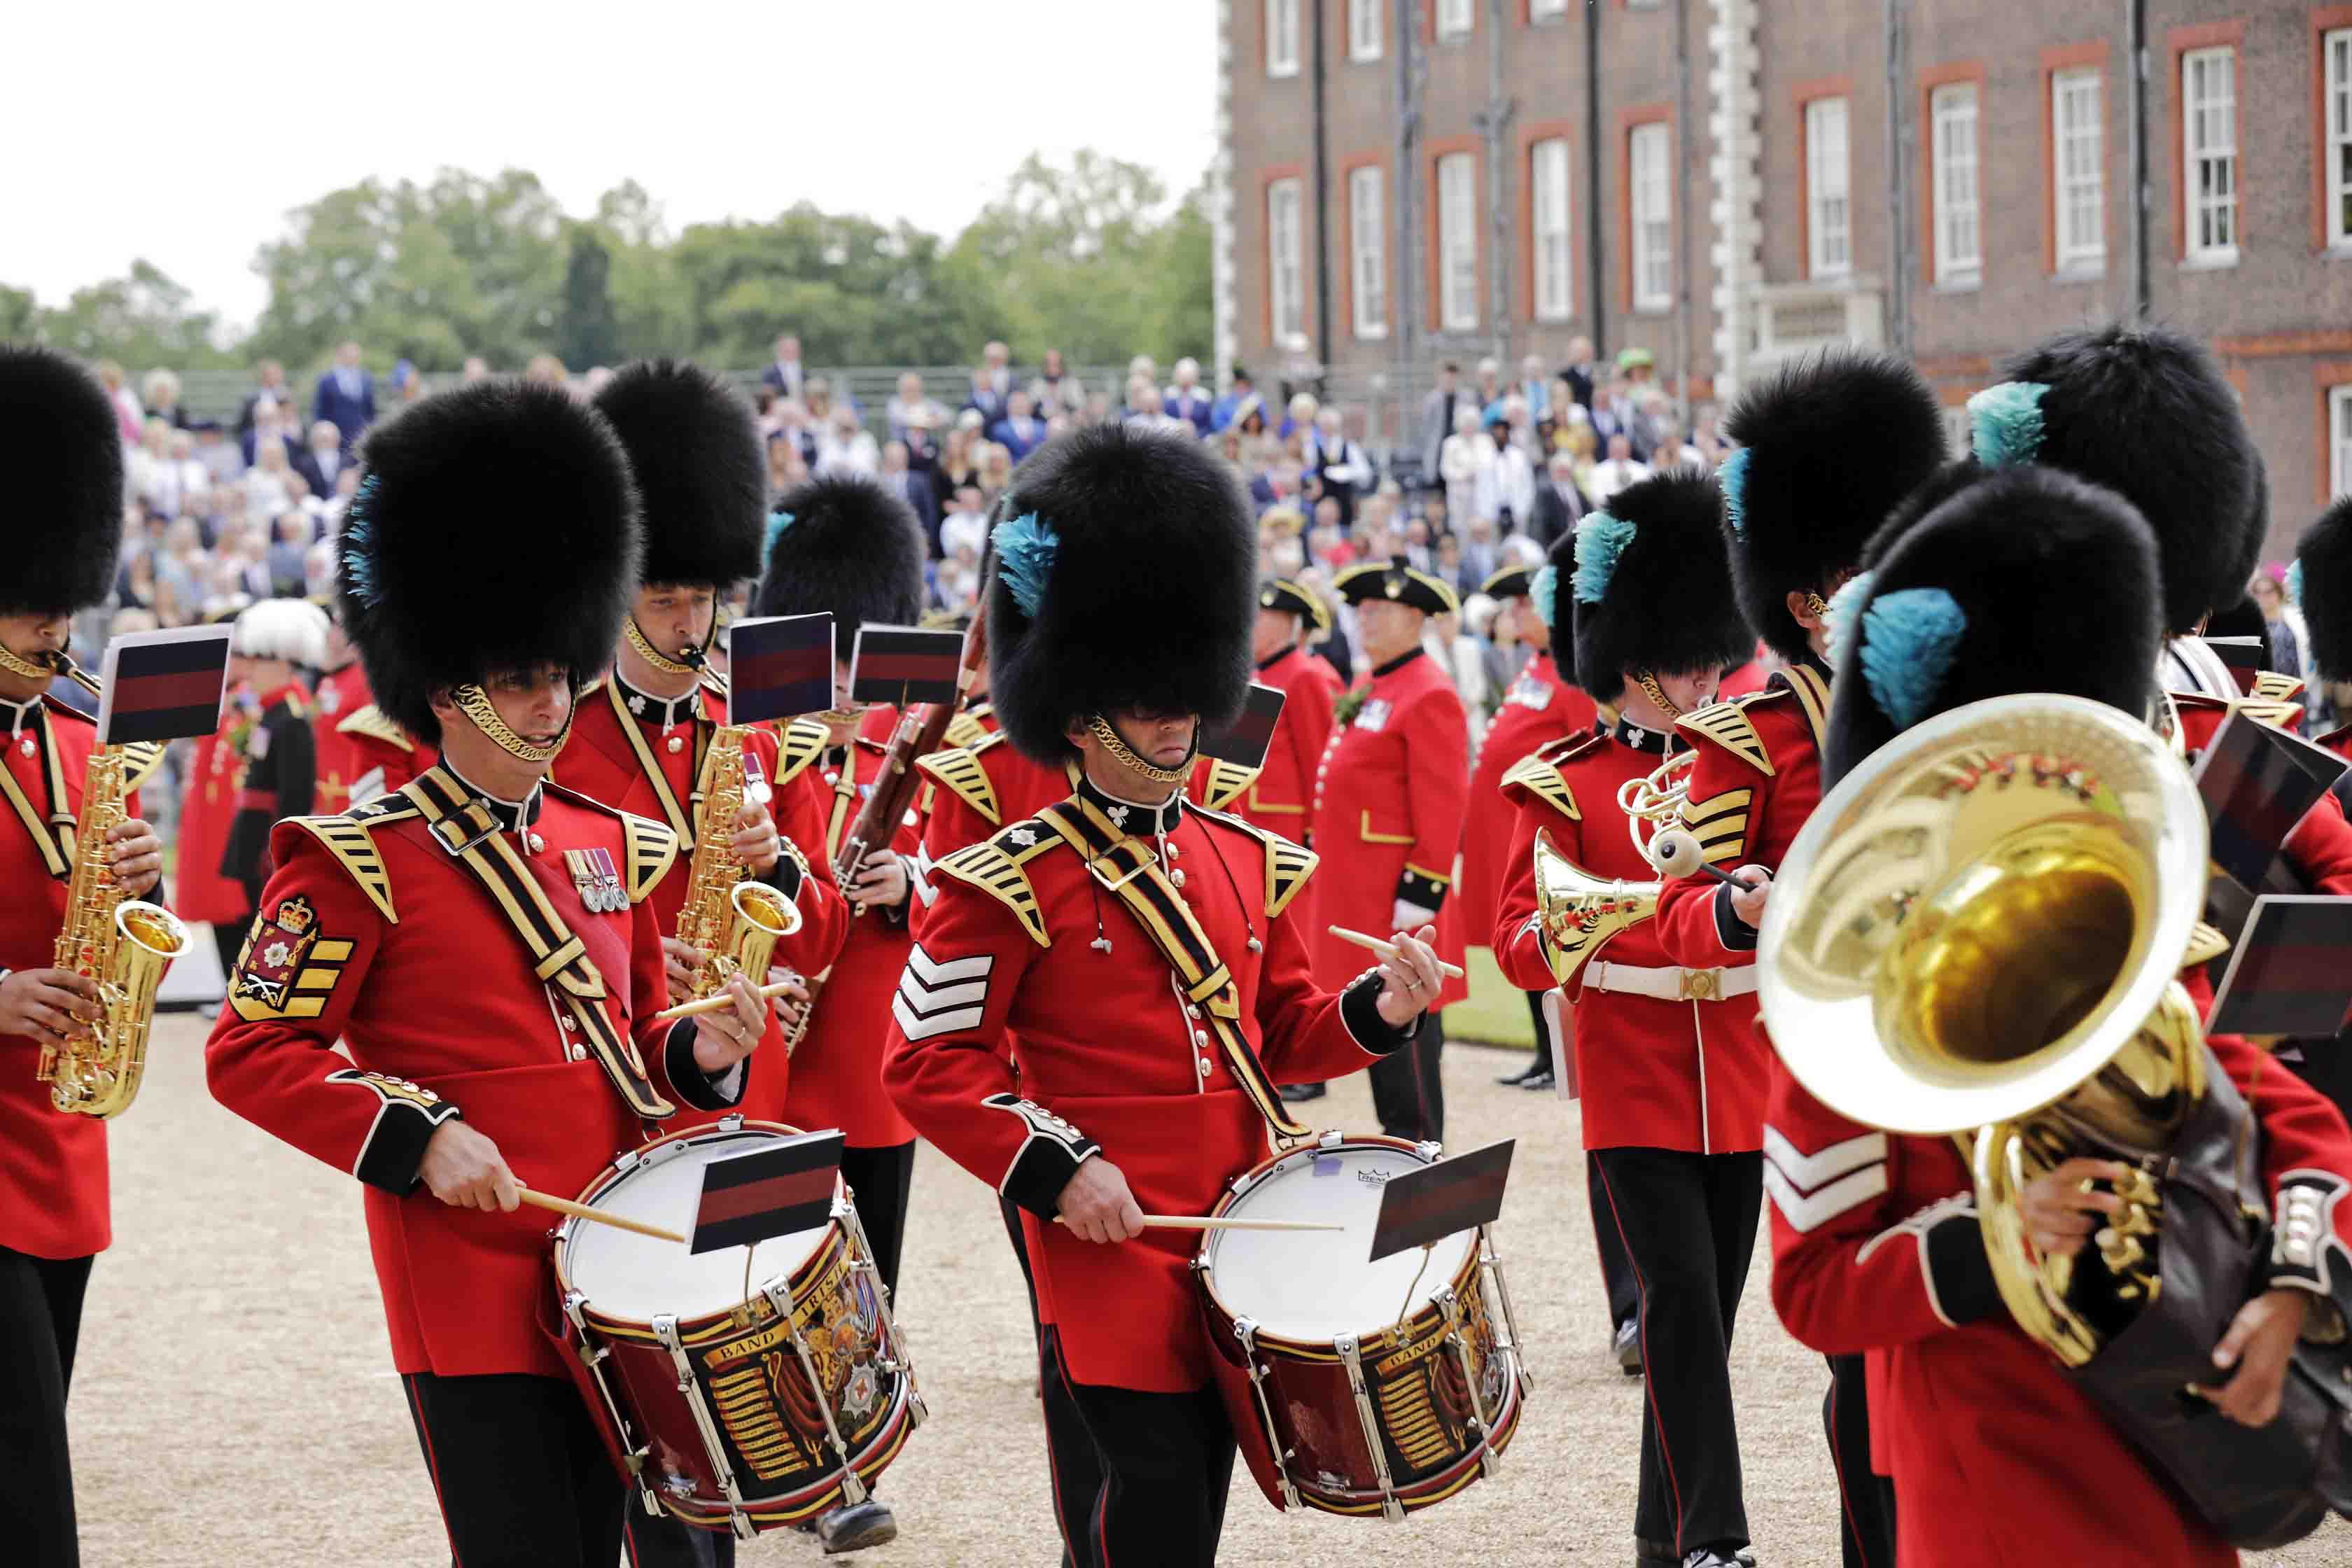 Band at Founder's Day Parade